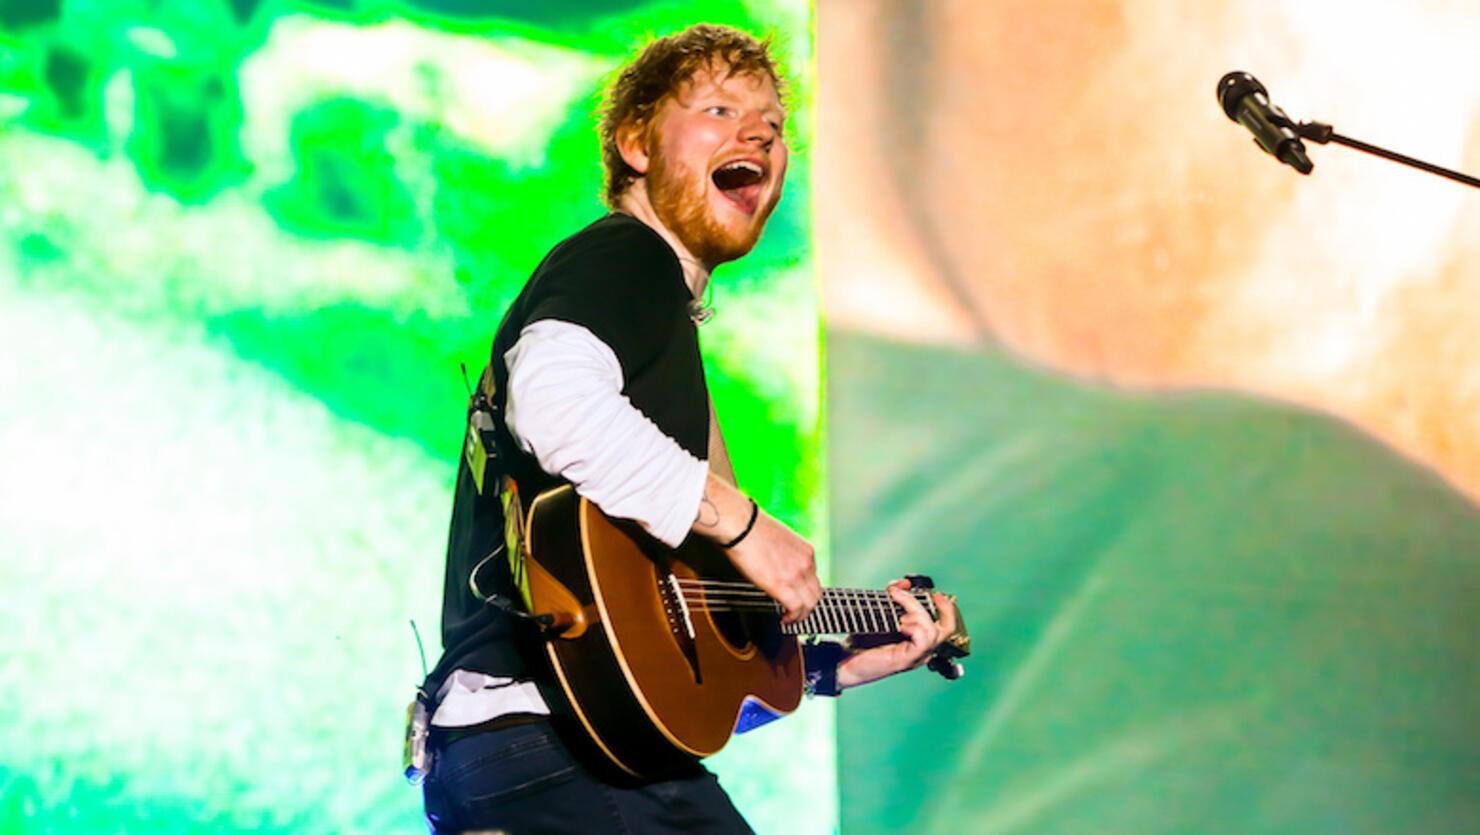 Edward Christopher Sheeran, English singer, songwriter,